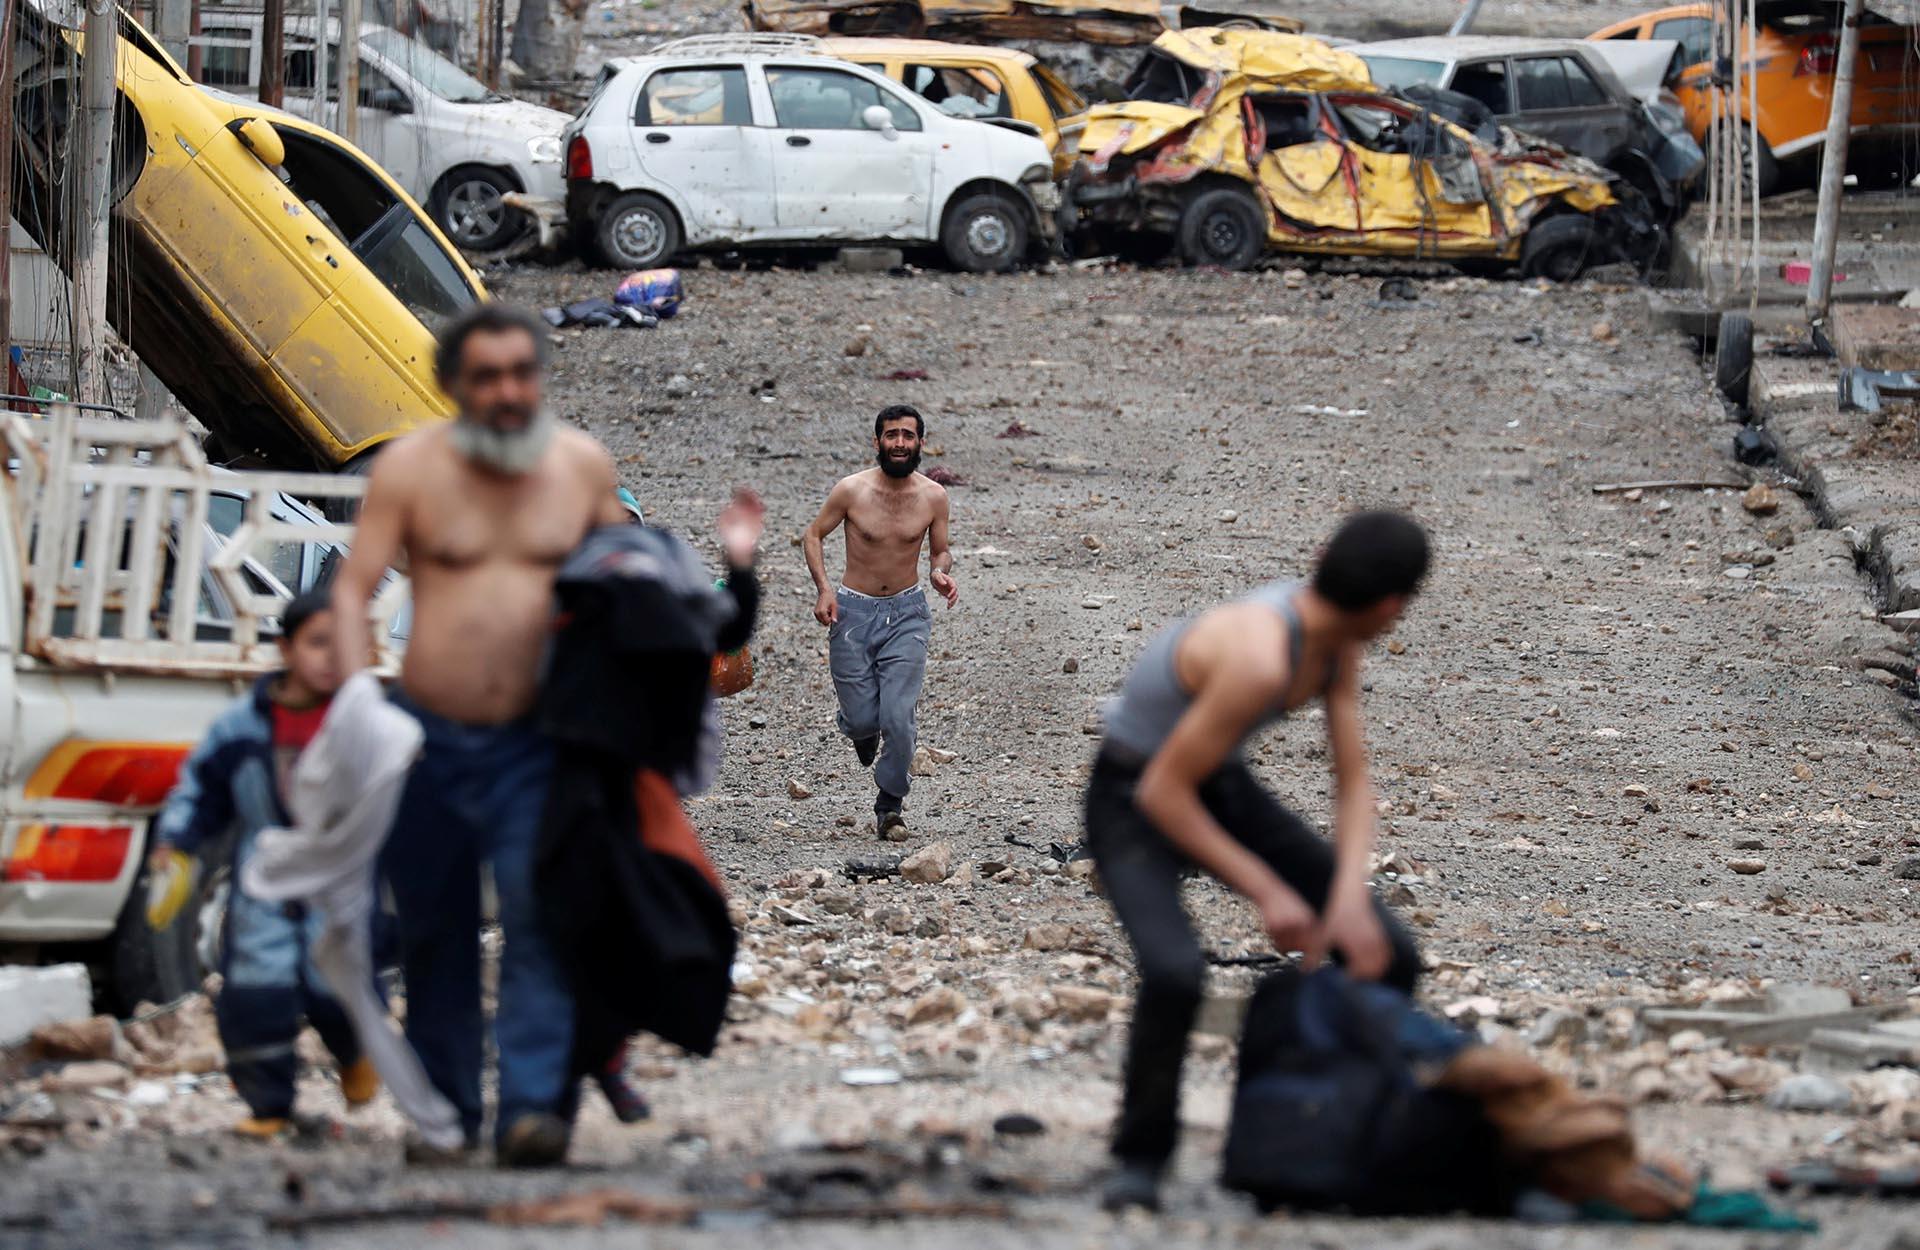 Muchos hombres huyen con el torso desnudo para mostrar que no llevan chalecos suicidas, para evitar ser confundidos con terroristas de ISIS